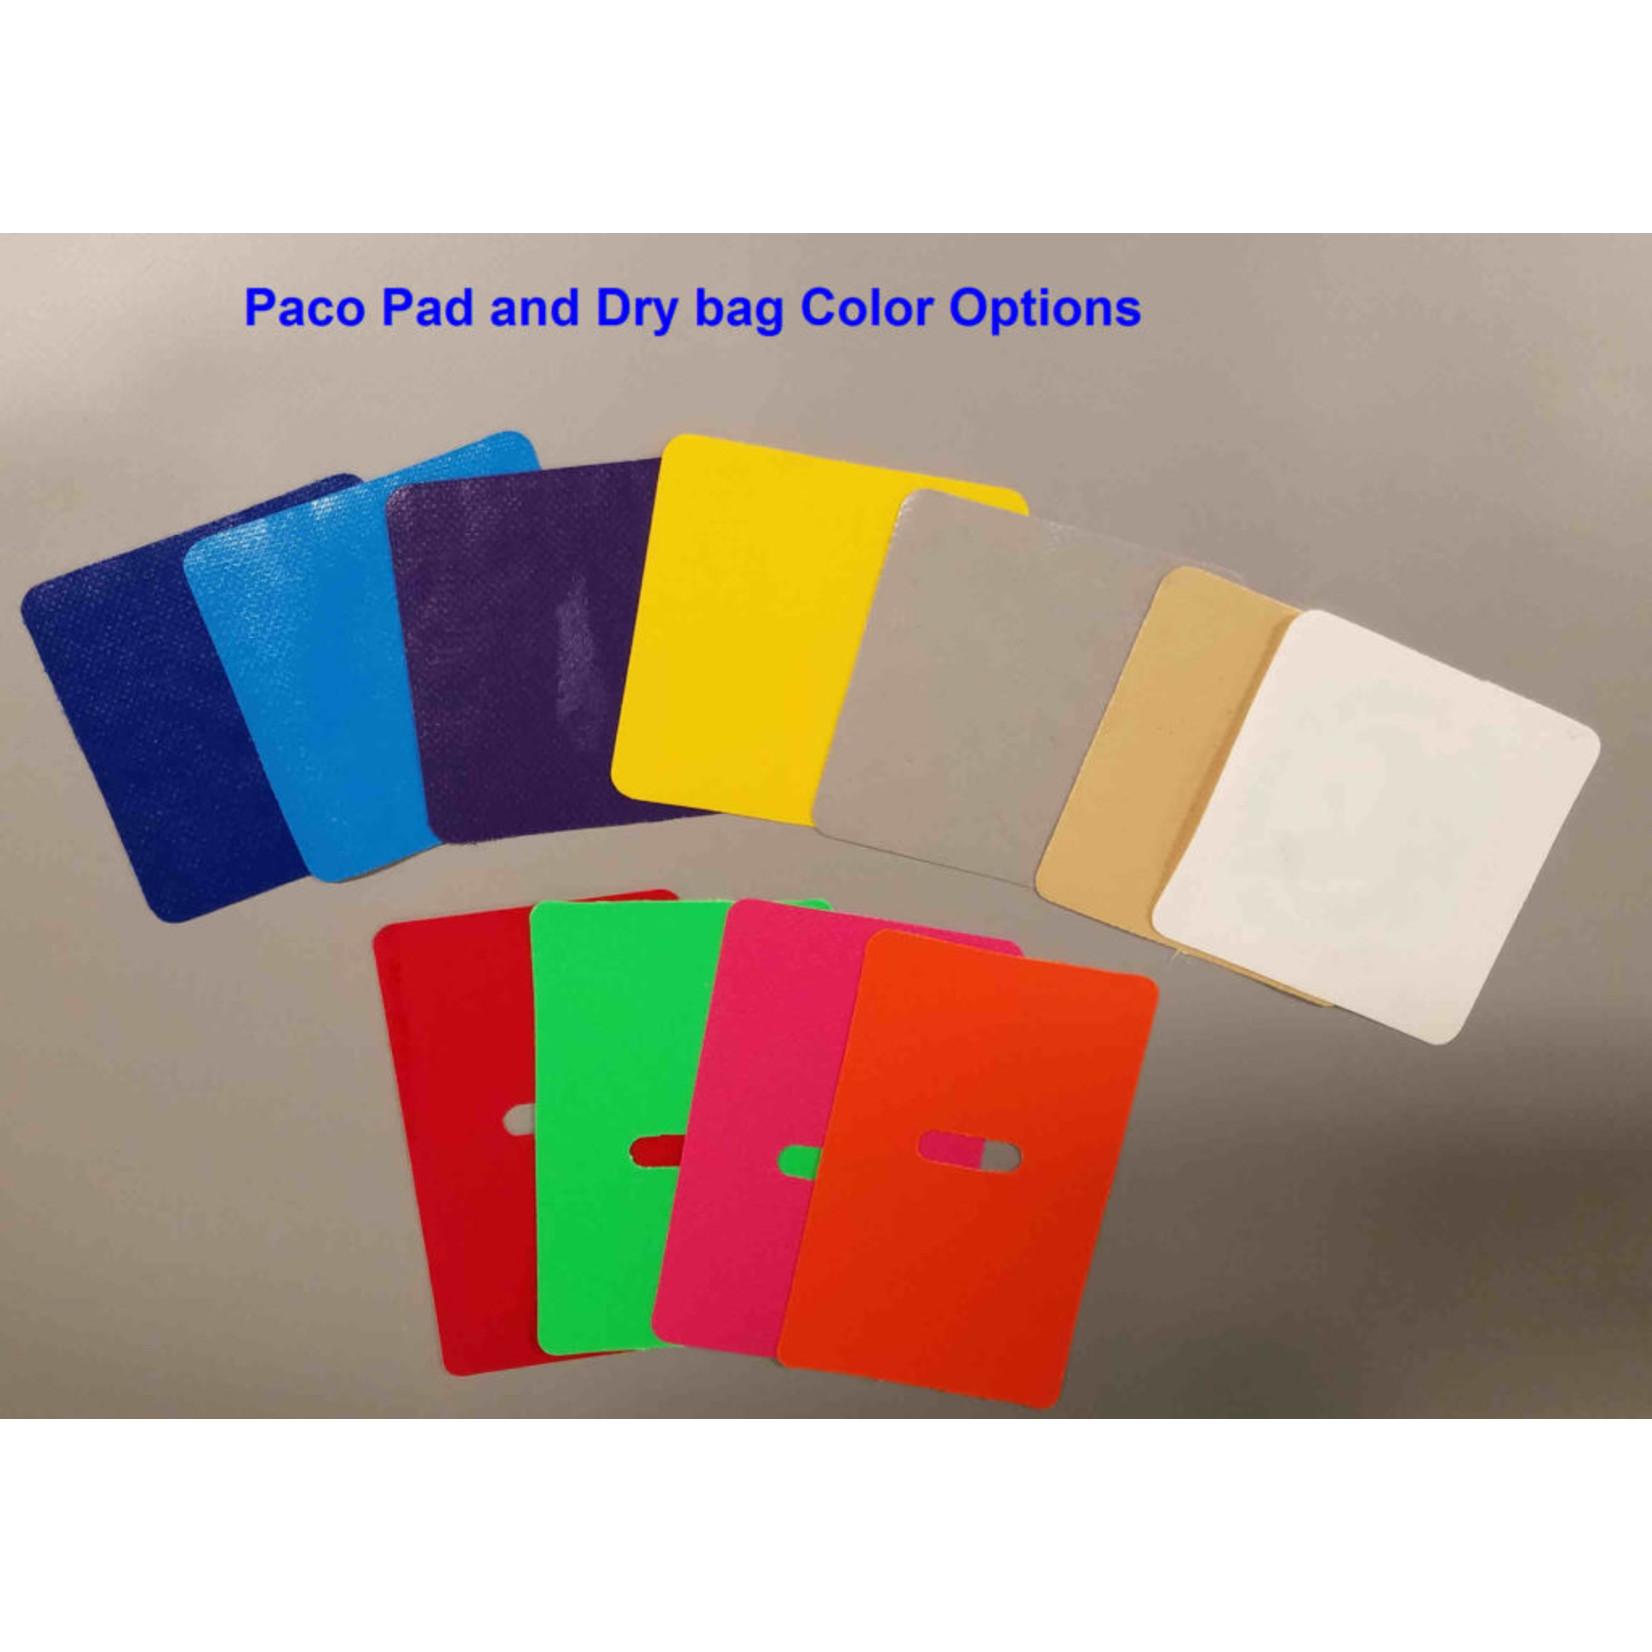 Jack's Plastic Welding Jack's Plastic Welding Super Grande Paco Pad 3x27x78 soft